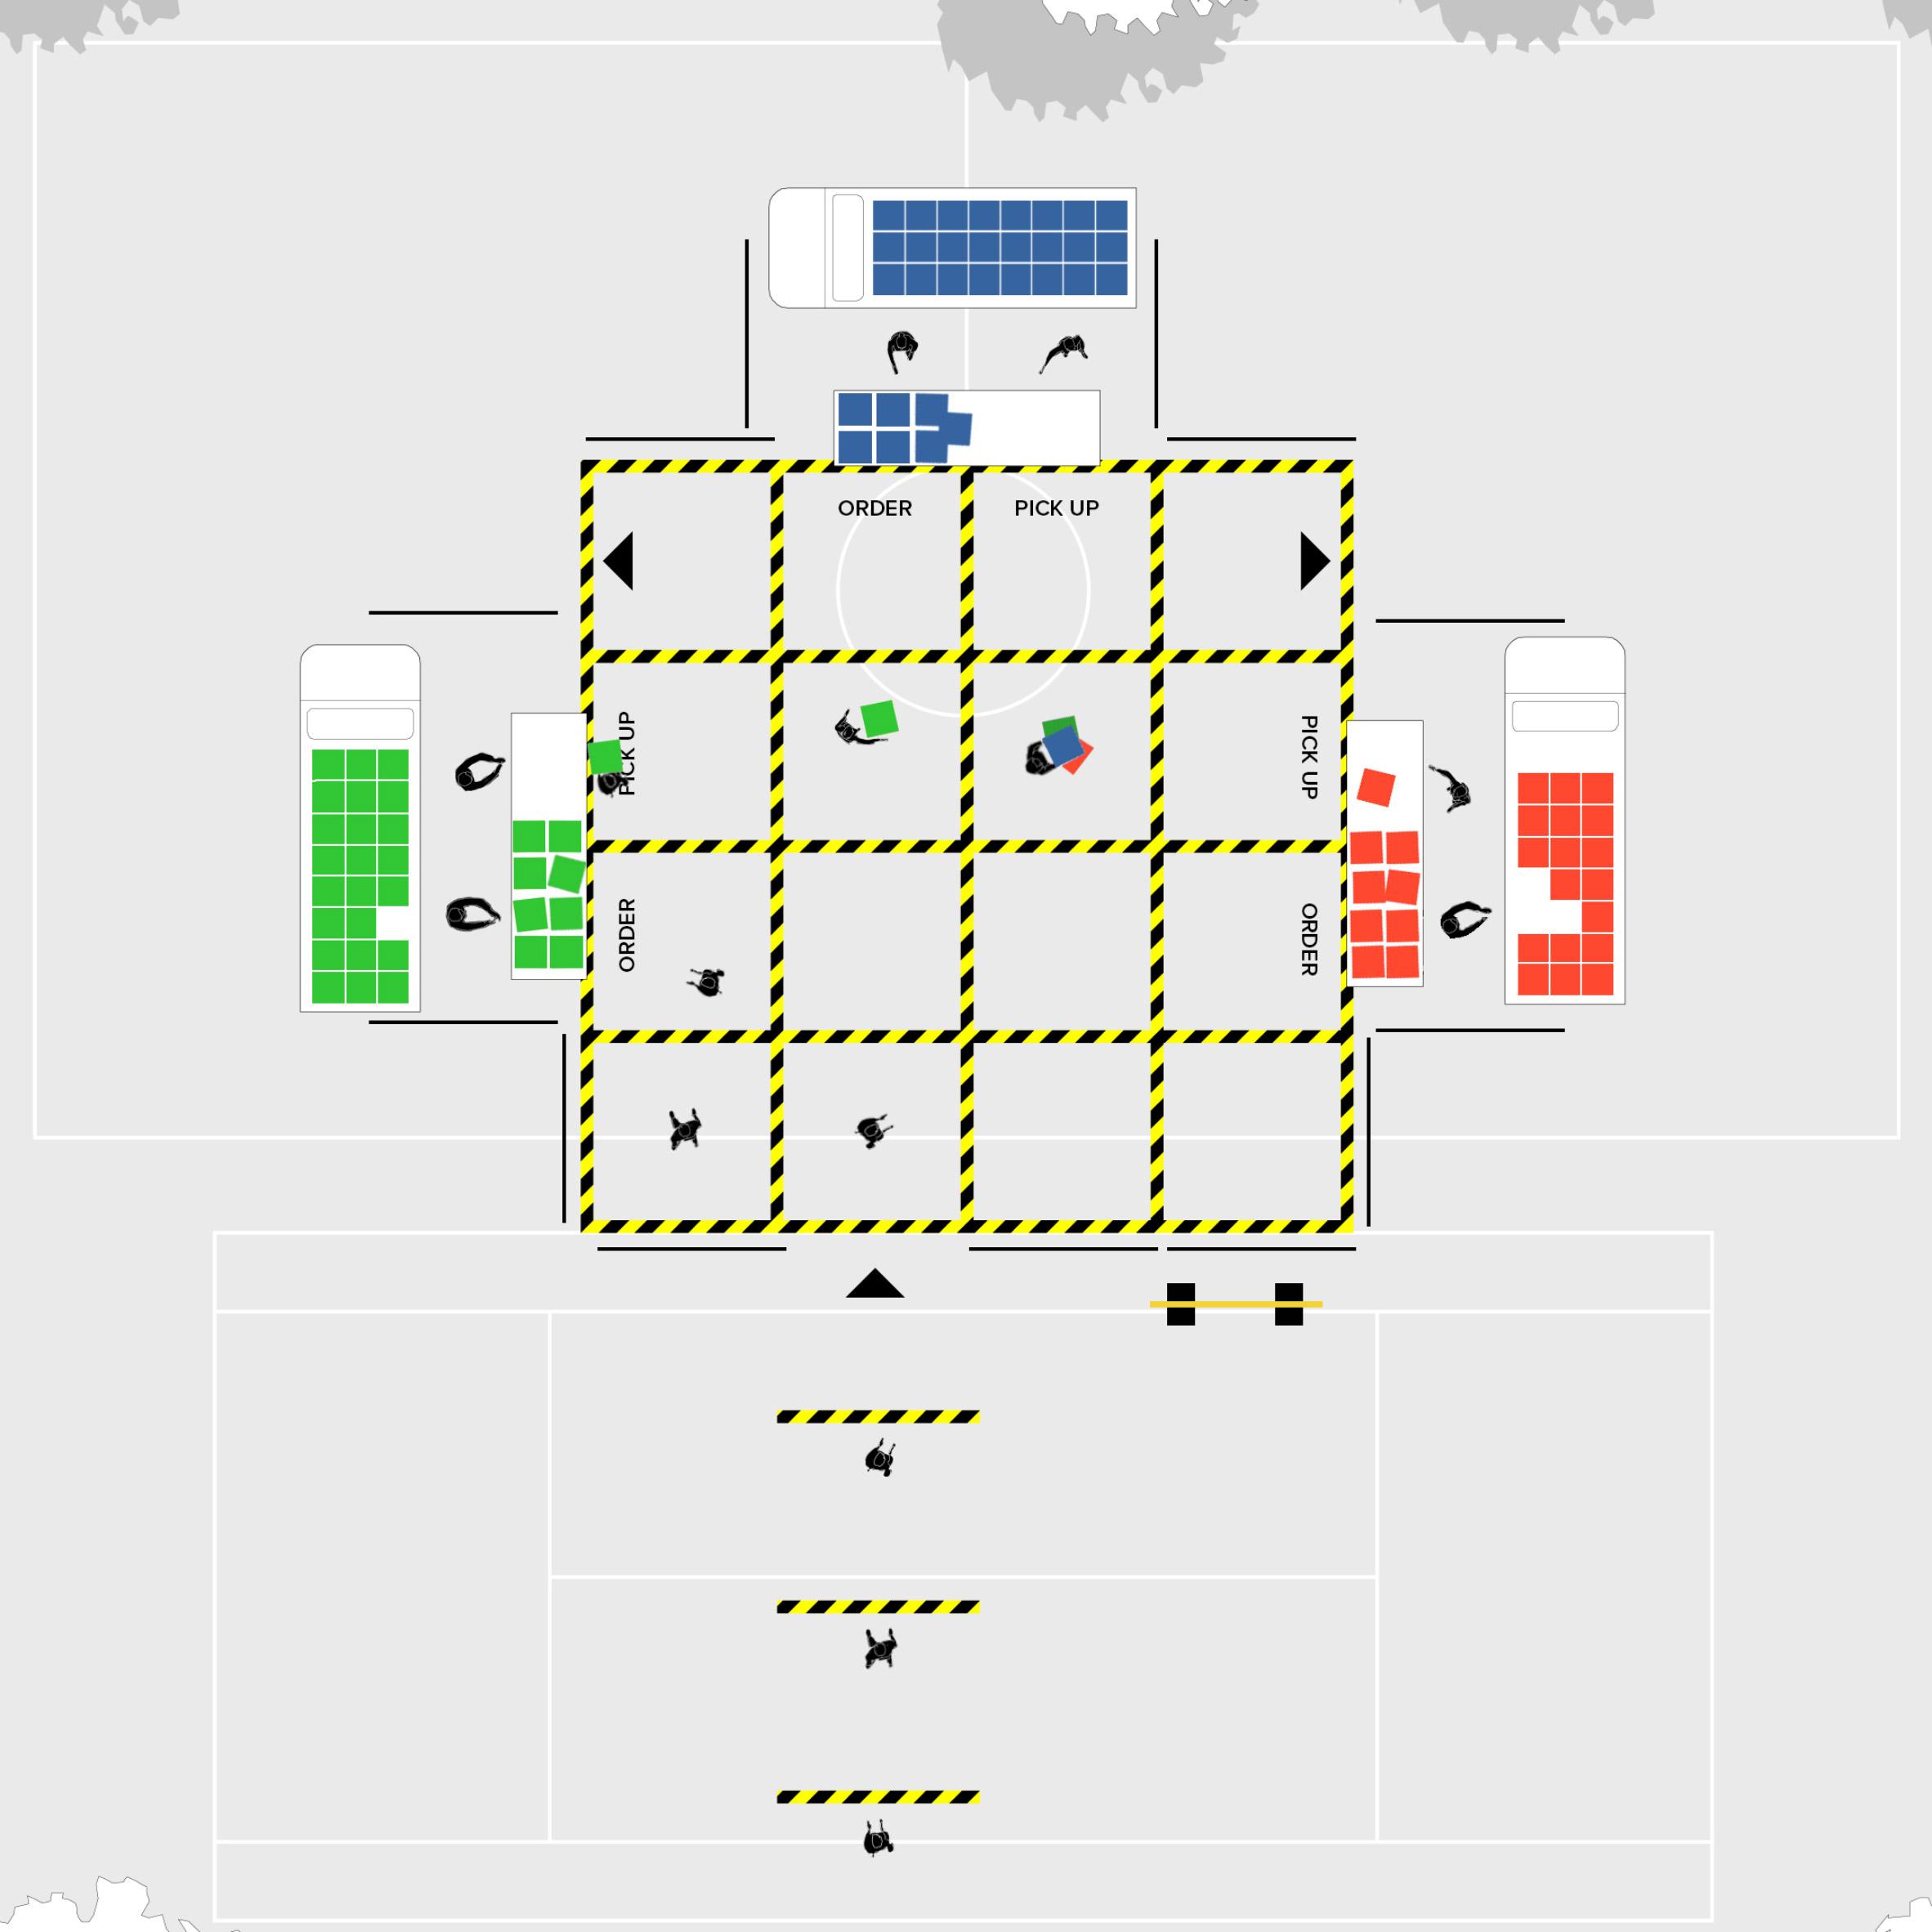 fairly coronadesign shift micro marche plan flux